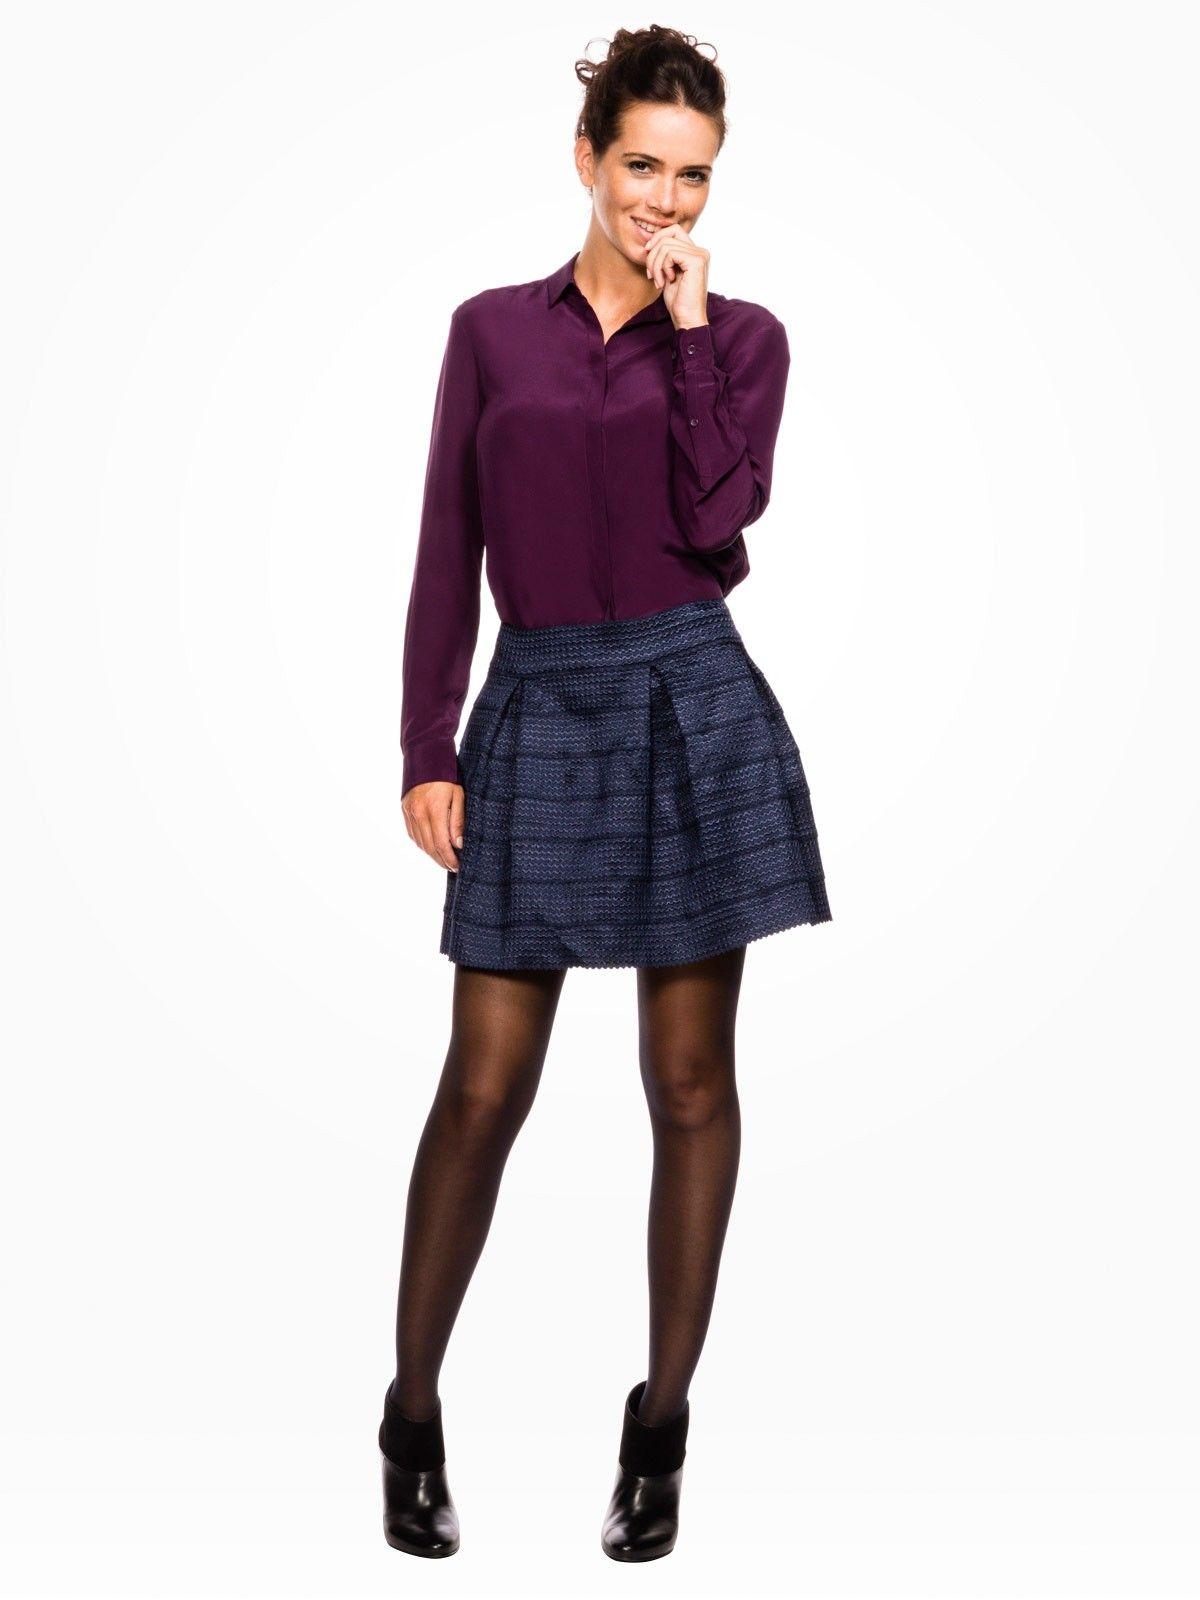 jupe jupe short femme femme v tements mode pinterest jupe short femme jupe short. Black Bedroom Furniture Sets. Home Design Ideas